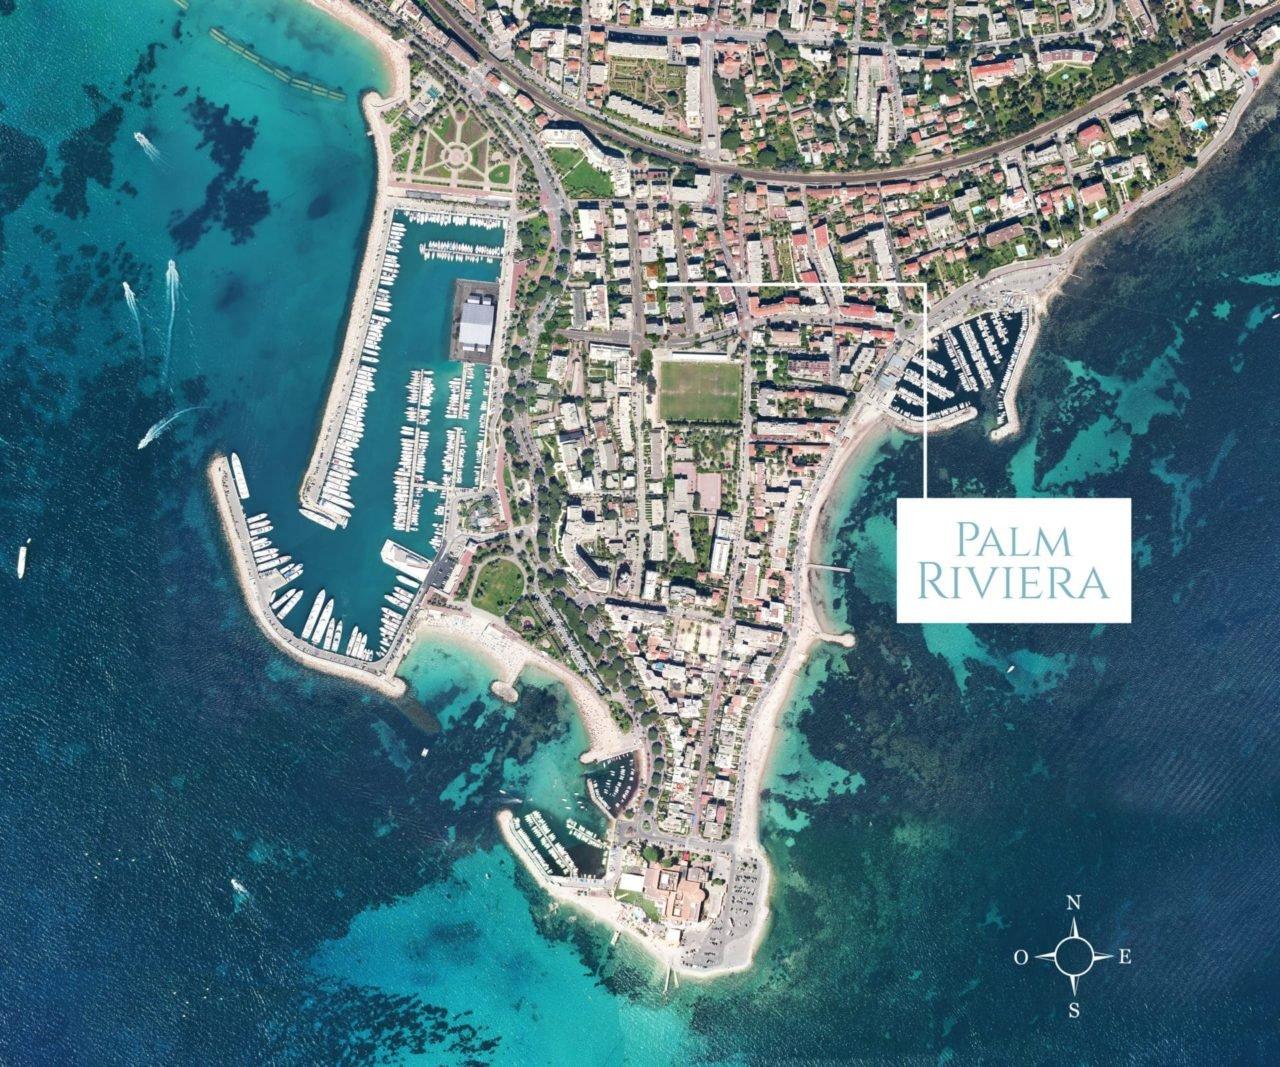 Palm Riviera